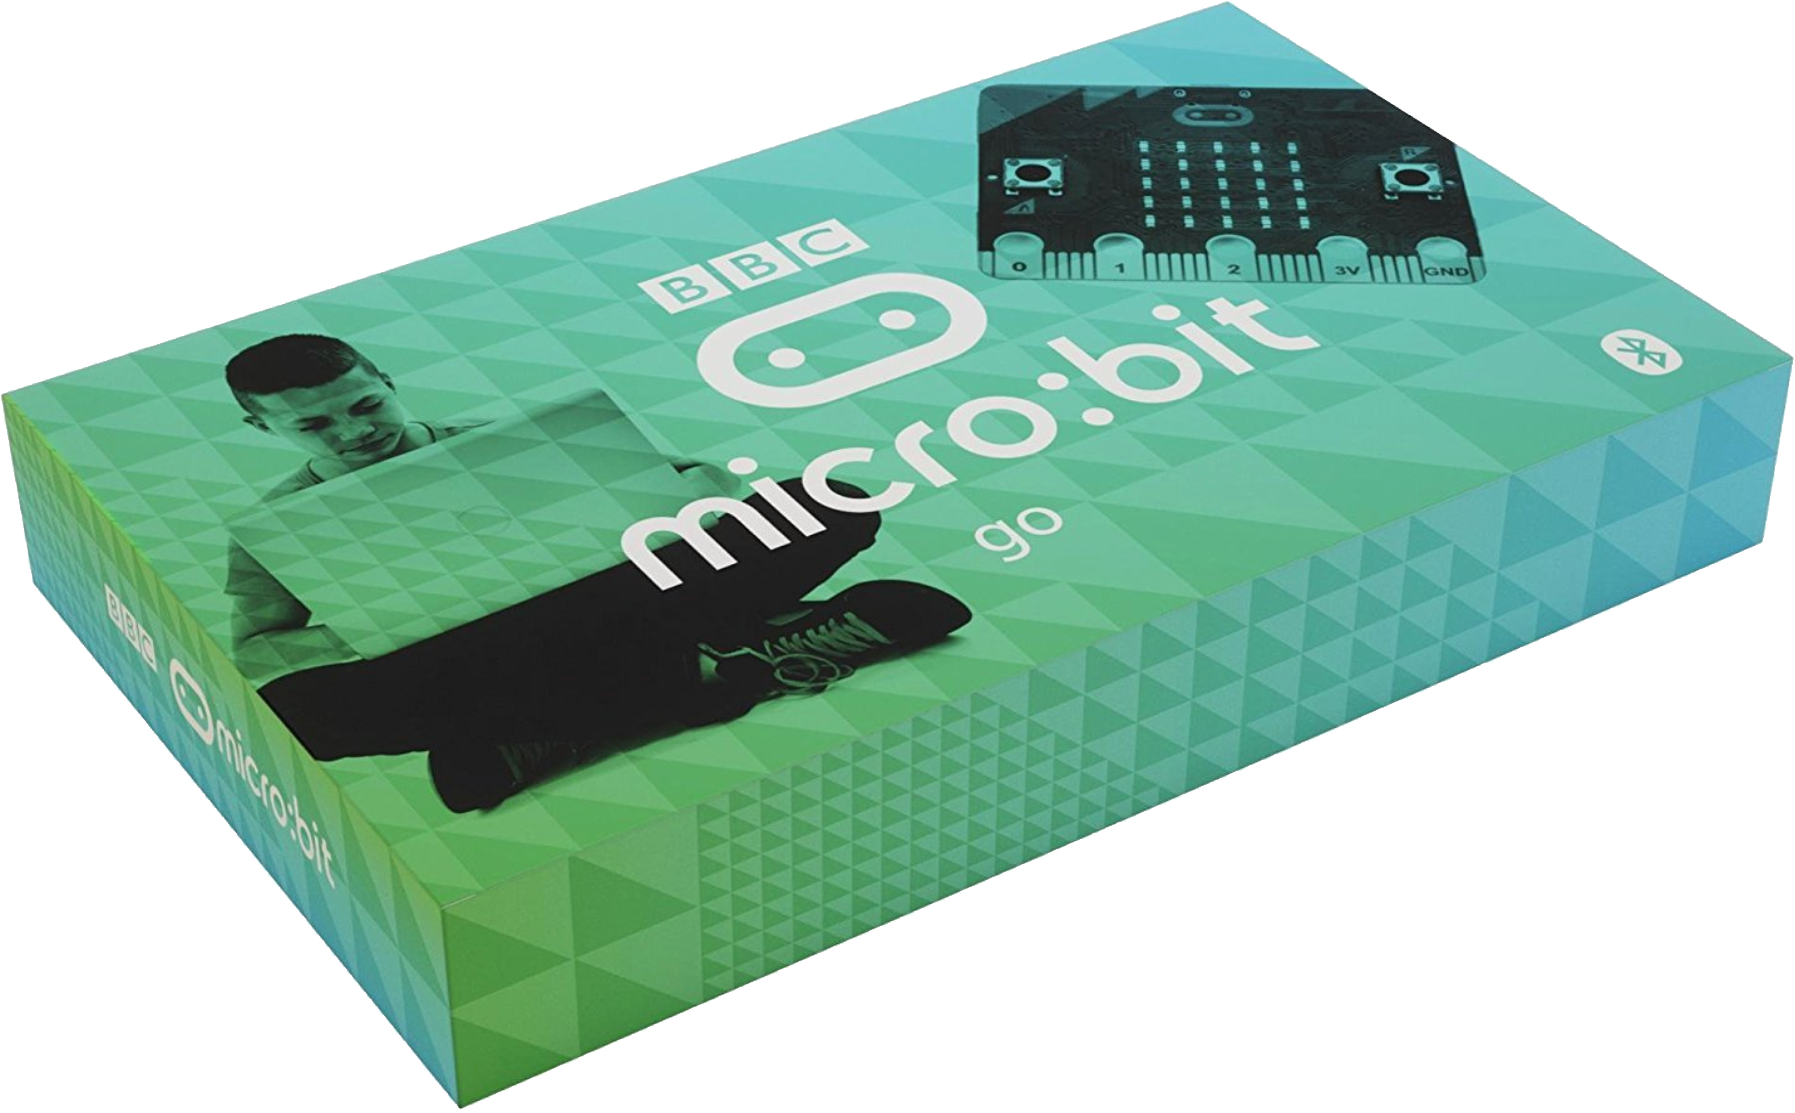 A BBC micro:bit go